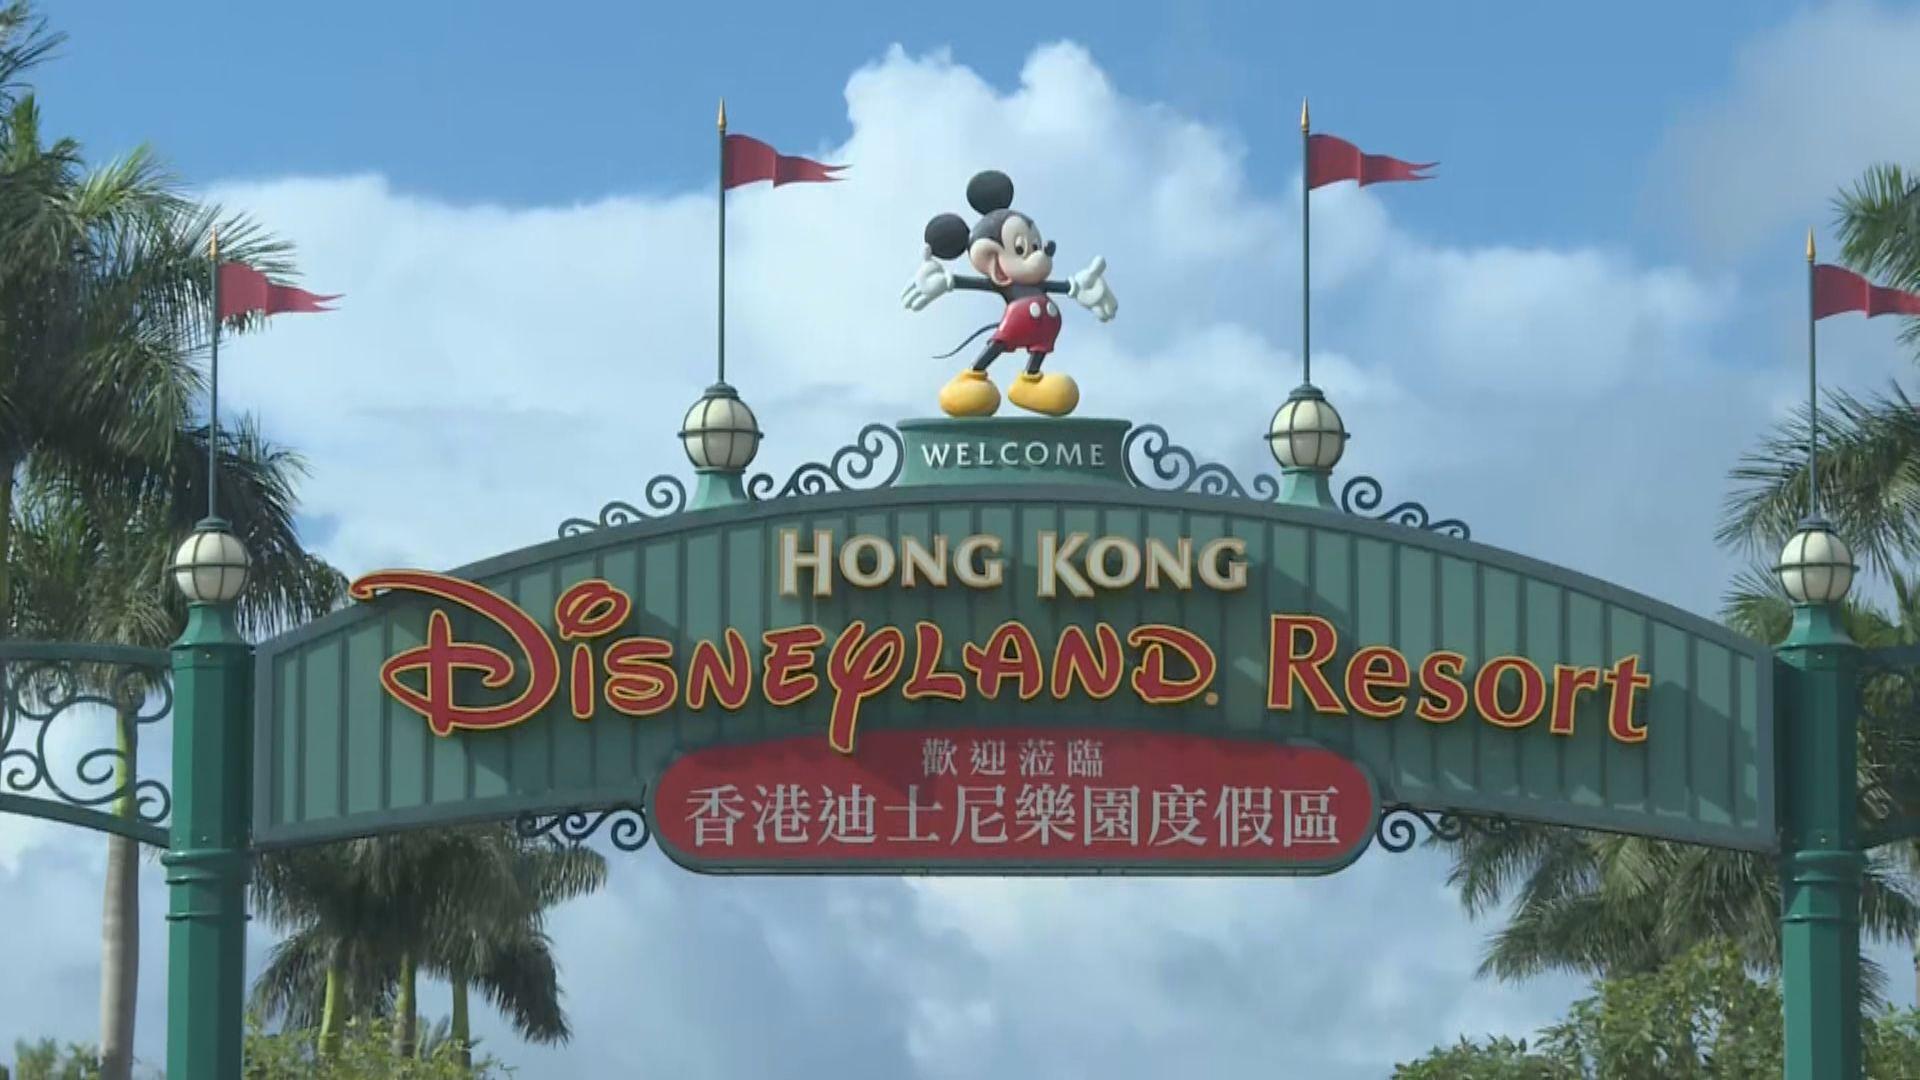 迪士尼樂園今日重開 遊客須事前網上預約